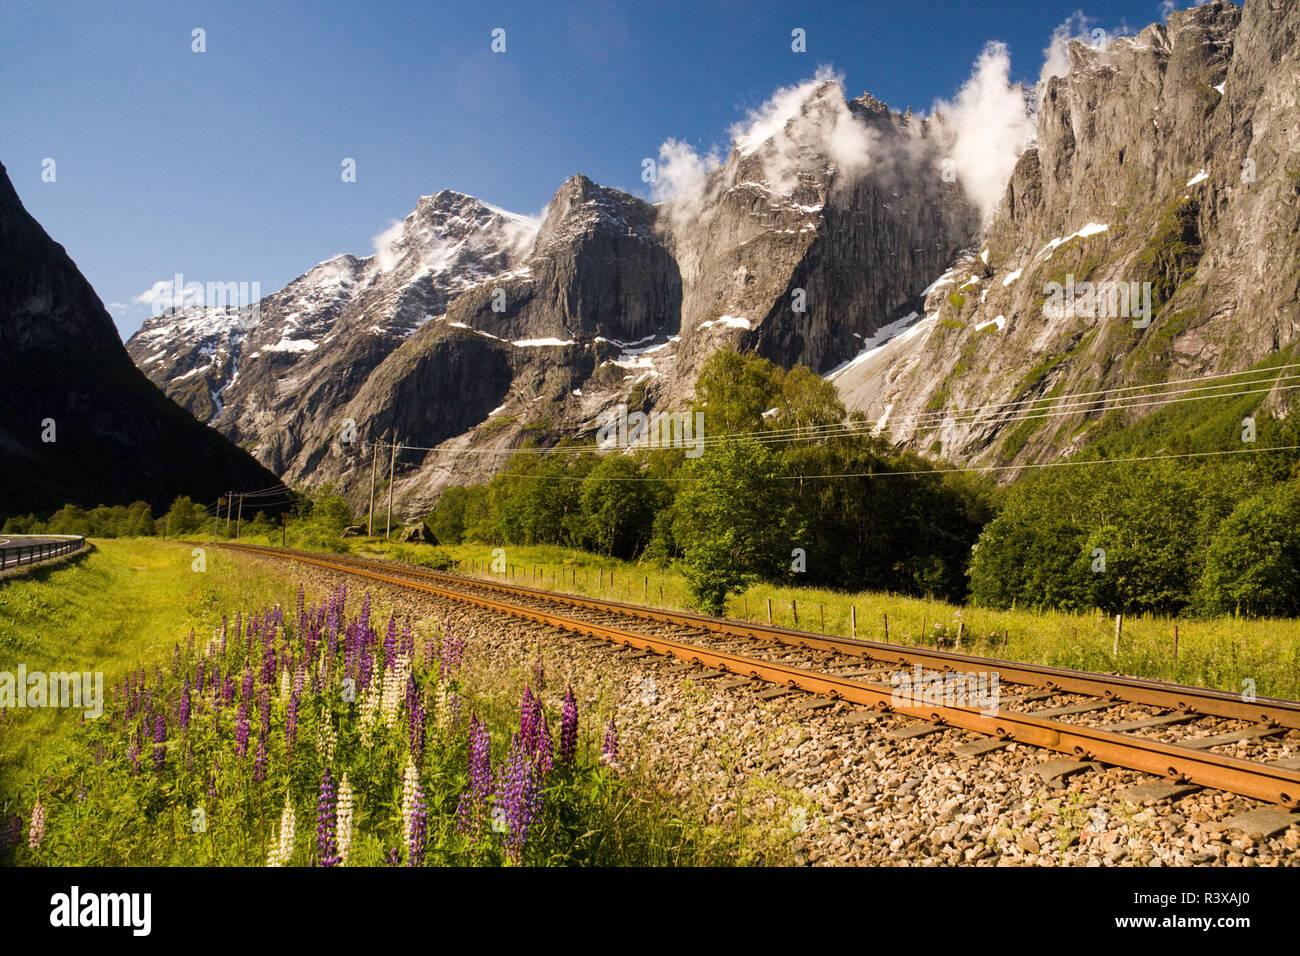 Troll Mauer Bergkette, die steilste senkrechten Felswand in Europa, Romsdal, Norwegen Stockbild